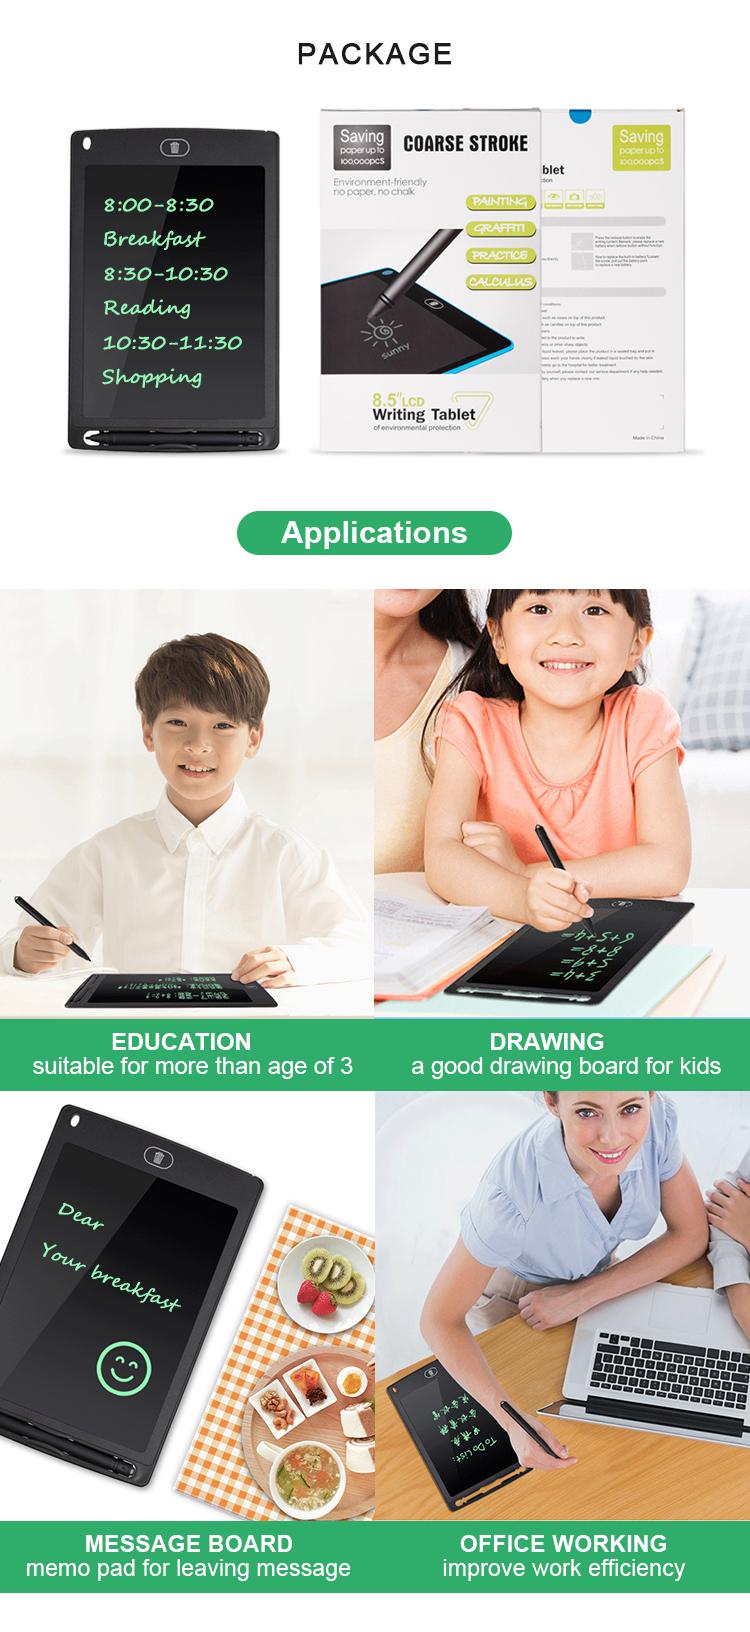 Newyes En Gros Tablette D'écriture Lcd 8.5 Pouces Électronique Numérique Tableau Noir Pour Les Enfants